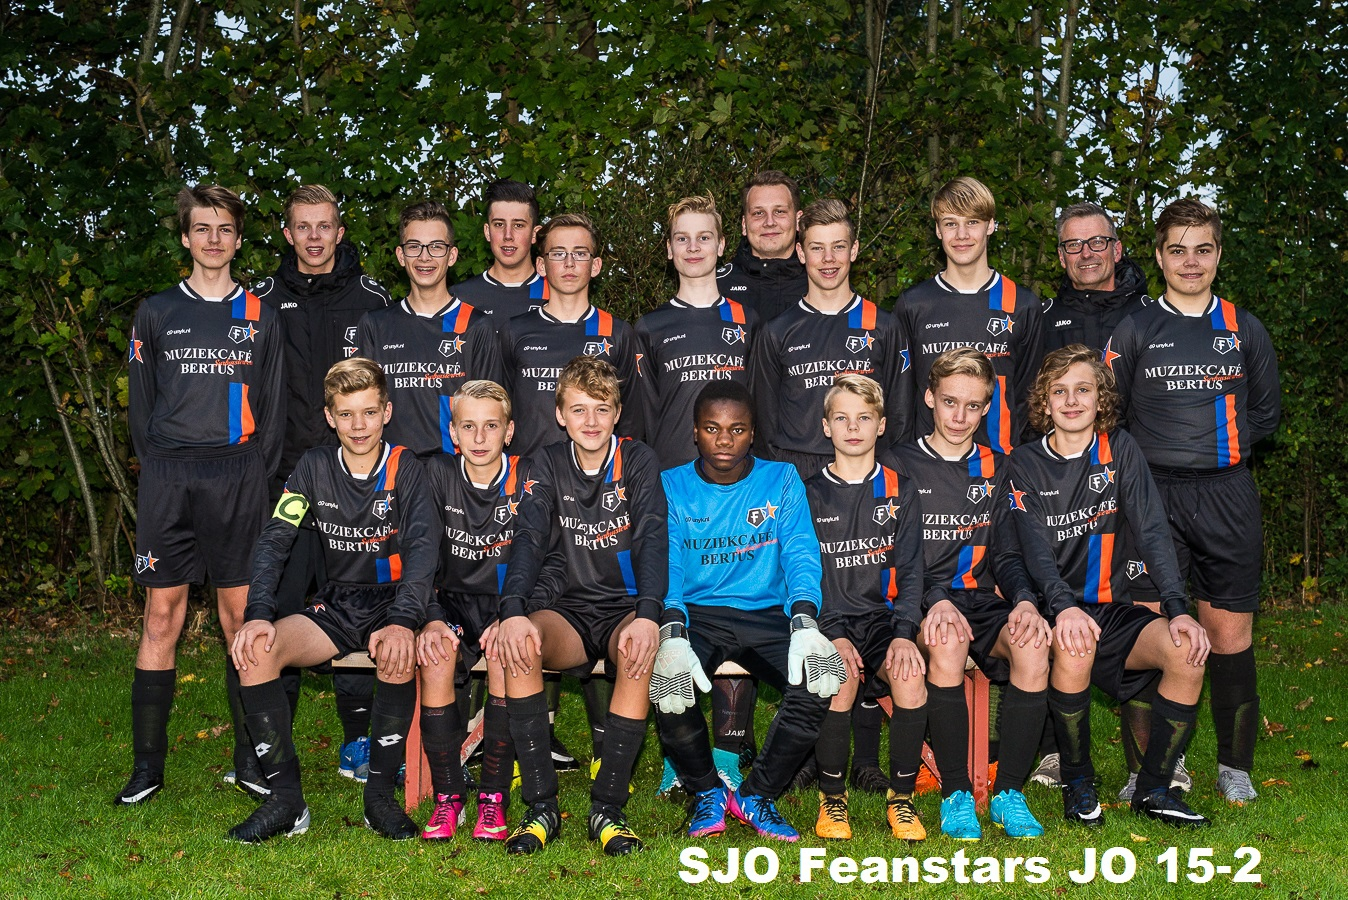 SJO Feanstars JO 15-2